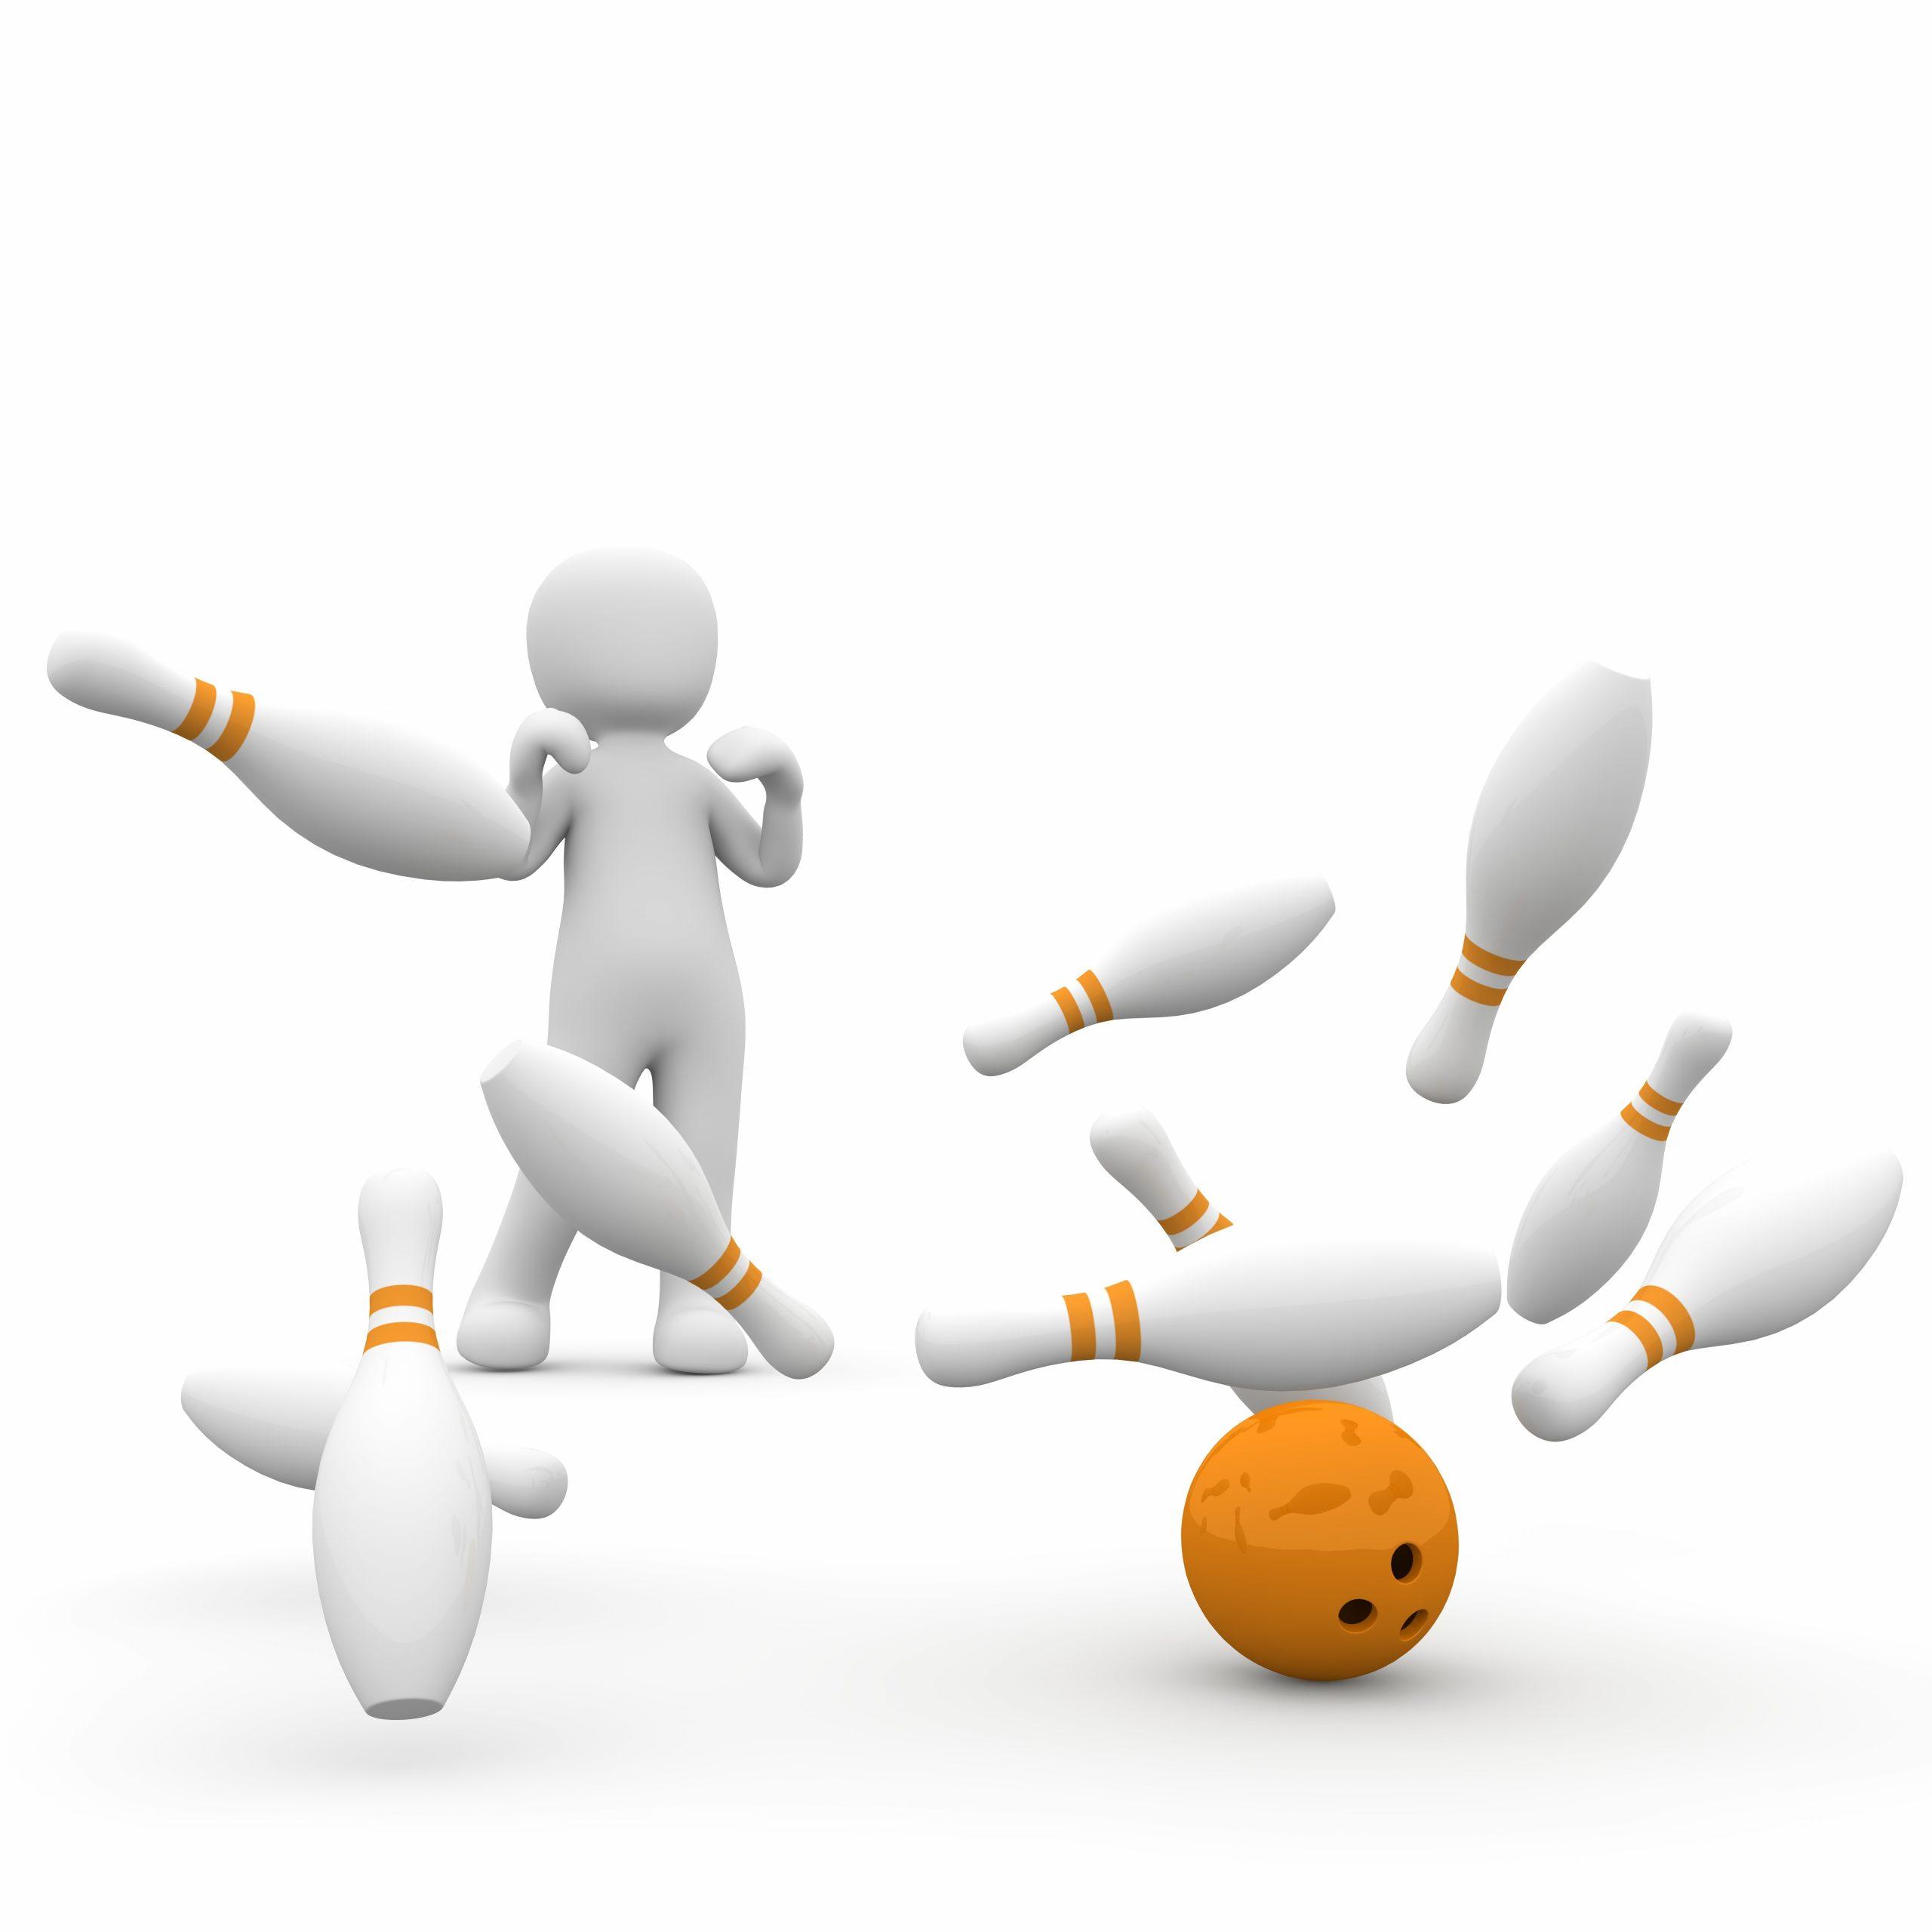 Jouer Au Bowling Images Gratuites | Images Gratuites Et tout Jeux Gratuits De Bowling